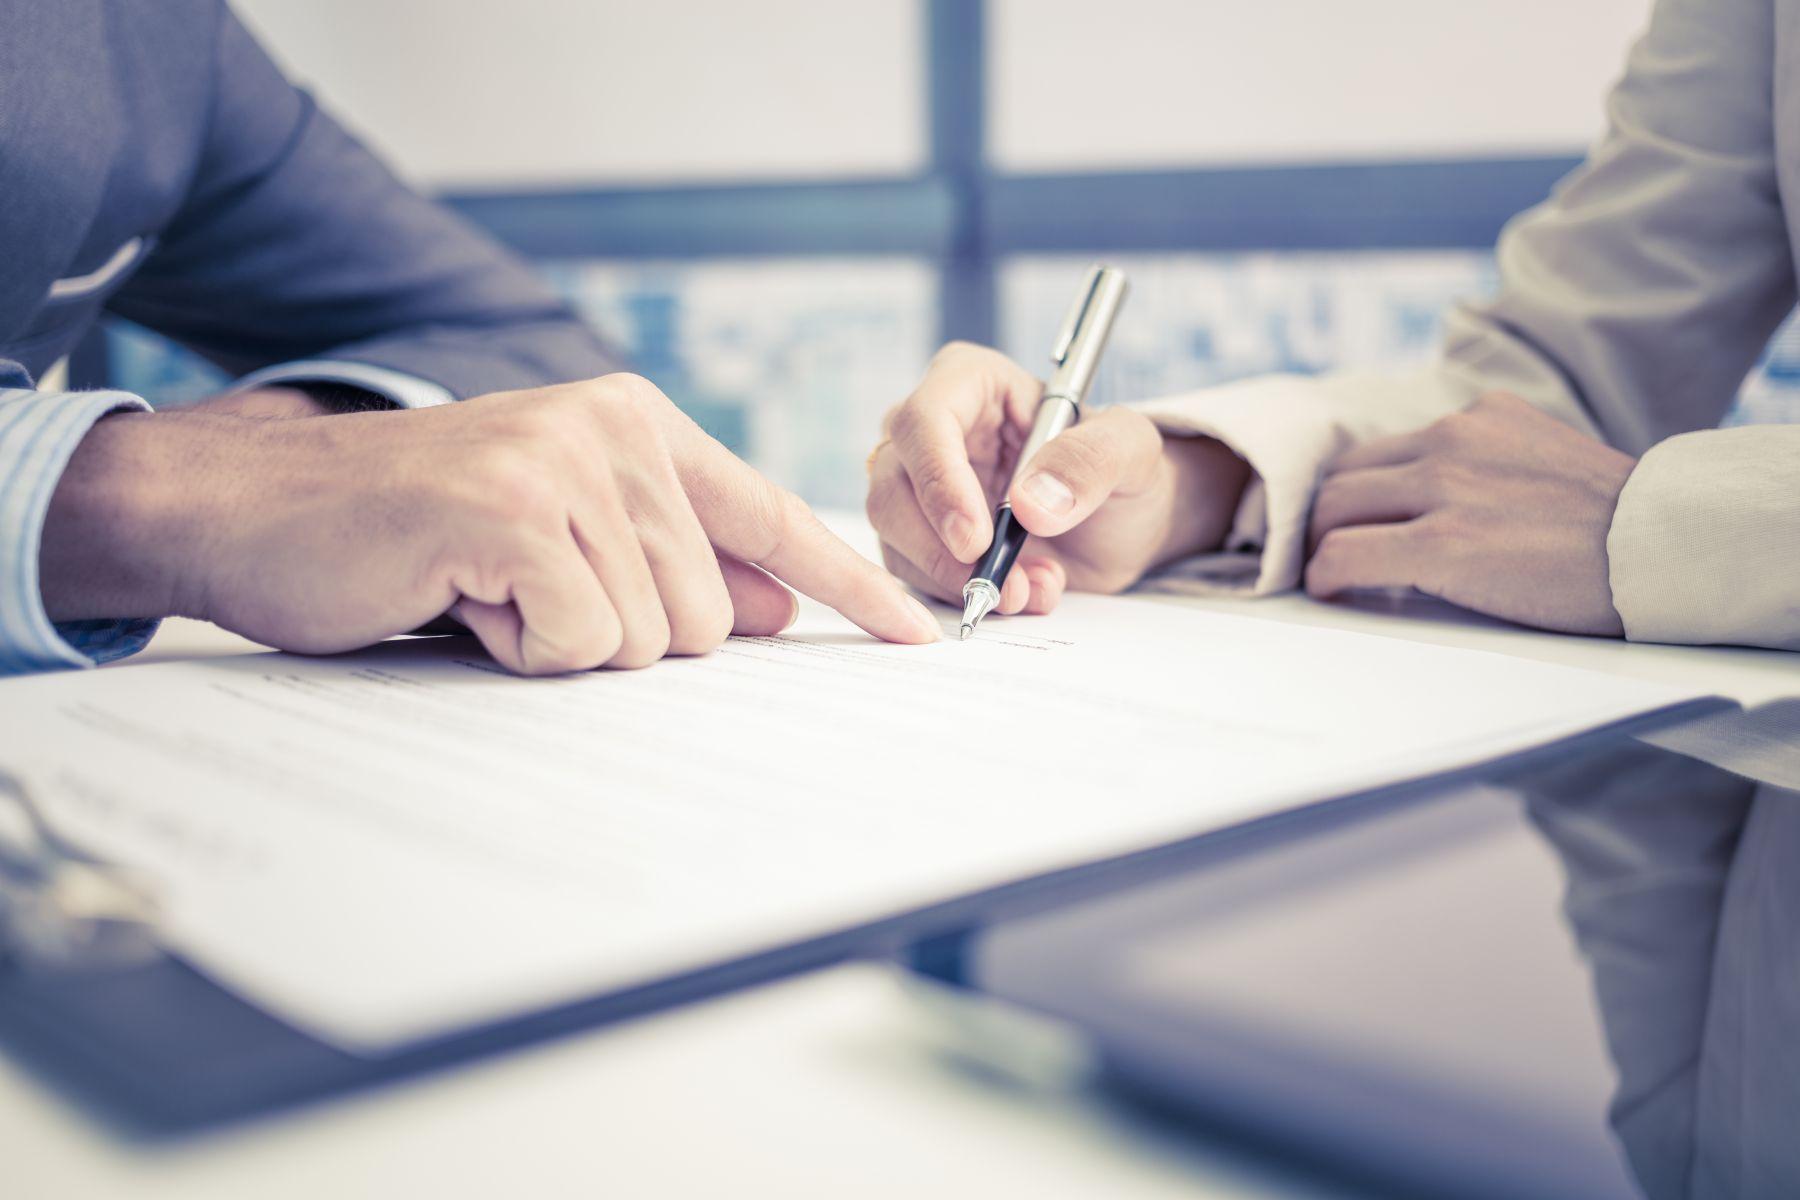 又爆南山業務員代保戶簽「申請書」 金管會要求撤回